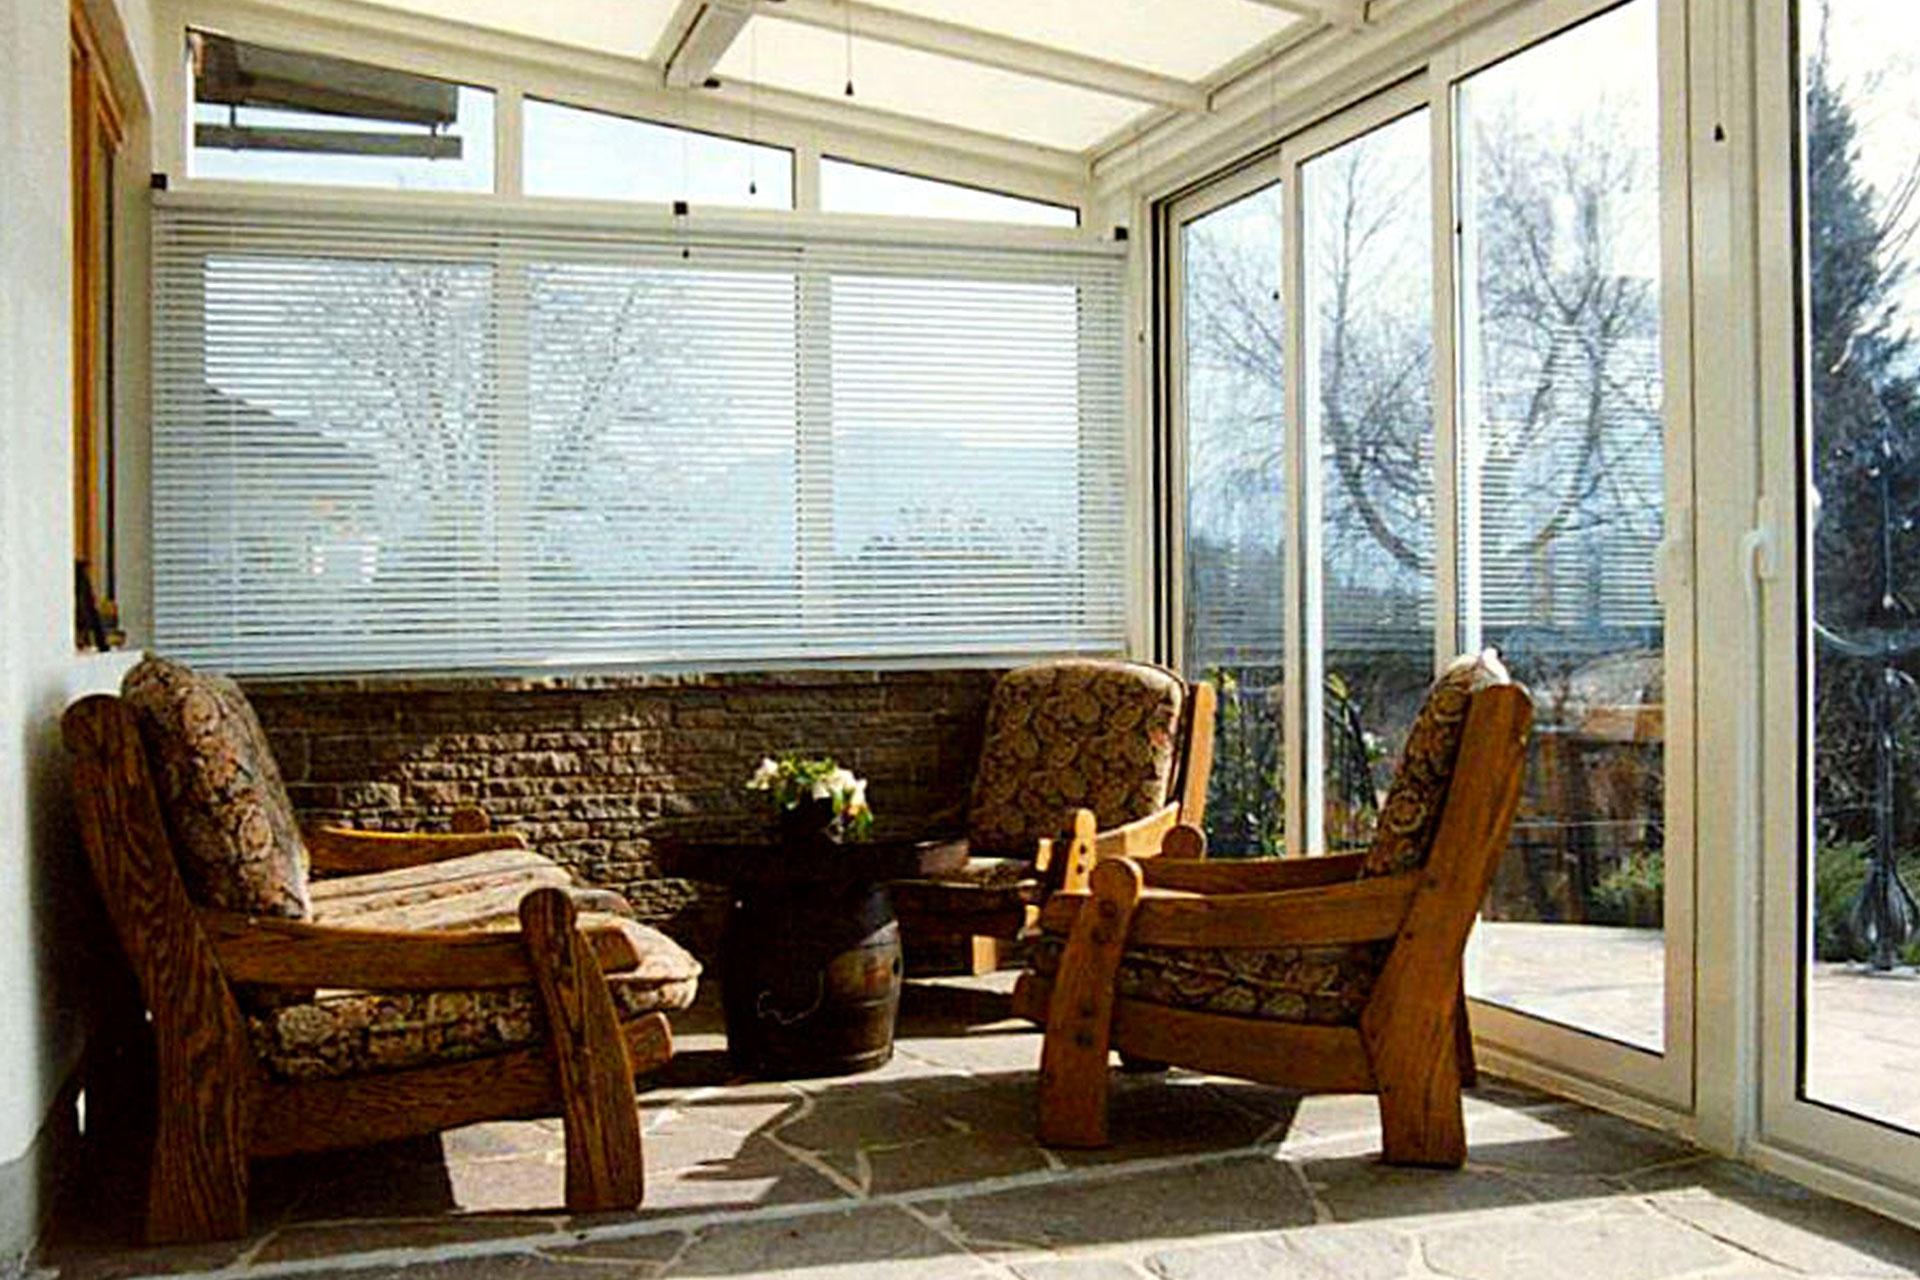 Giardino d'inverno winter garden serramenti alluminio taglio termico